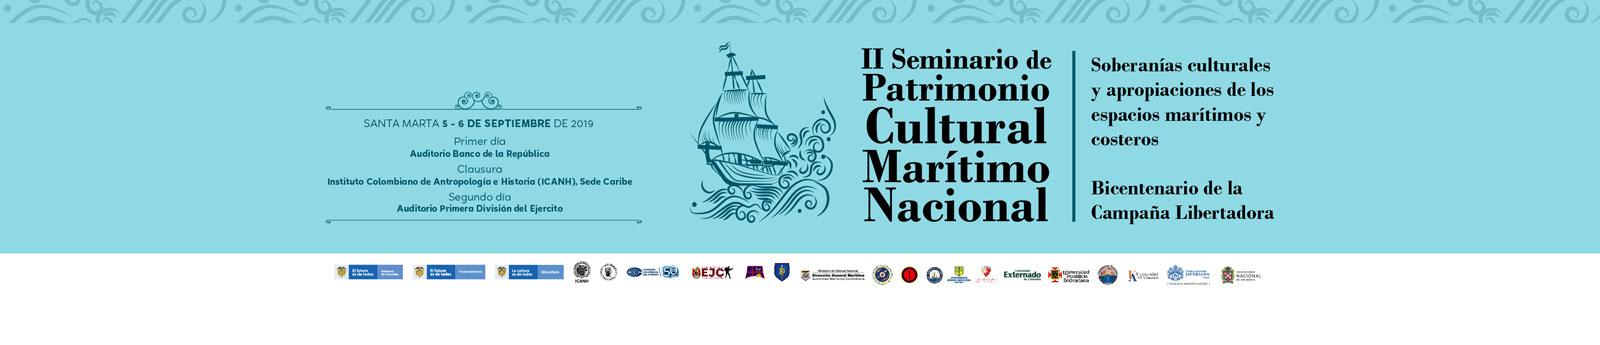 Santa Marta recibe II Seminario de Patrimonio Cultural Marítimo Nacional